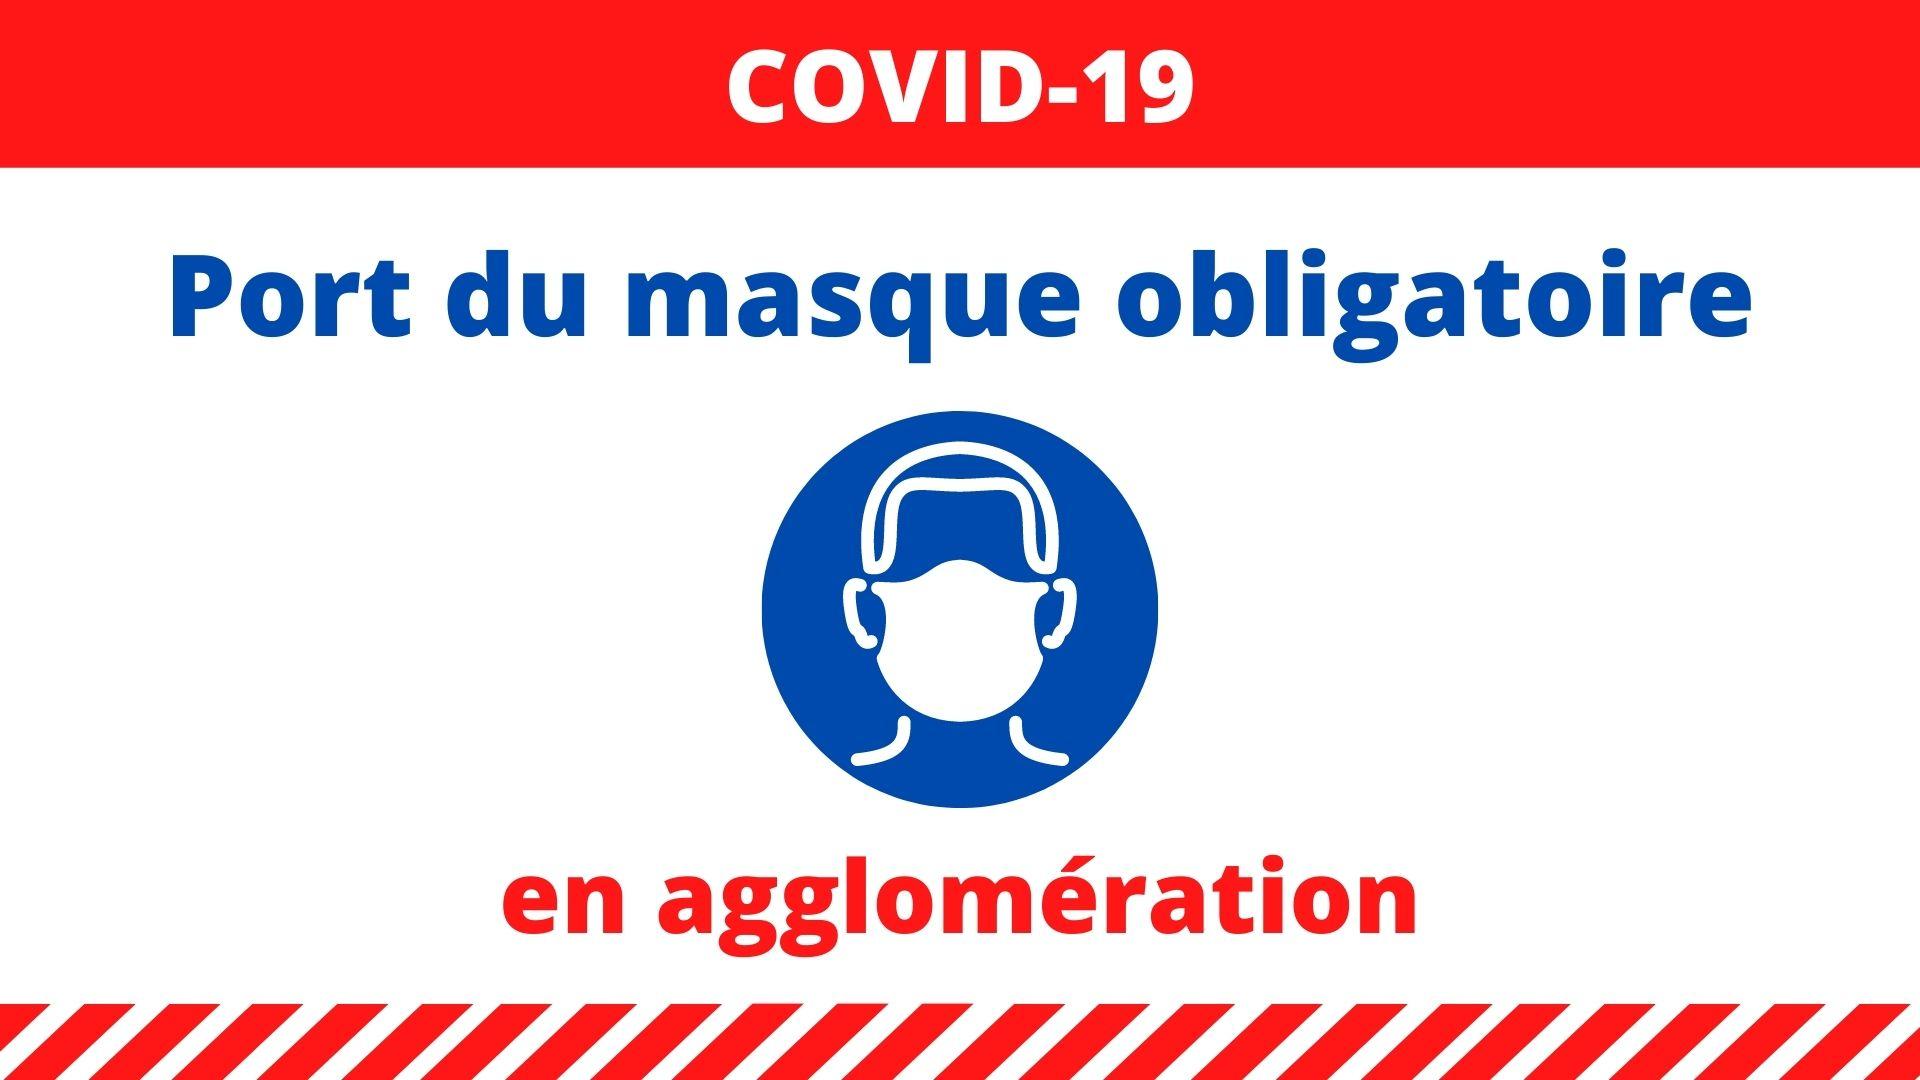 Vignette réseaux sociaux 2 - Obligation port du masque.jpg